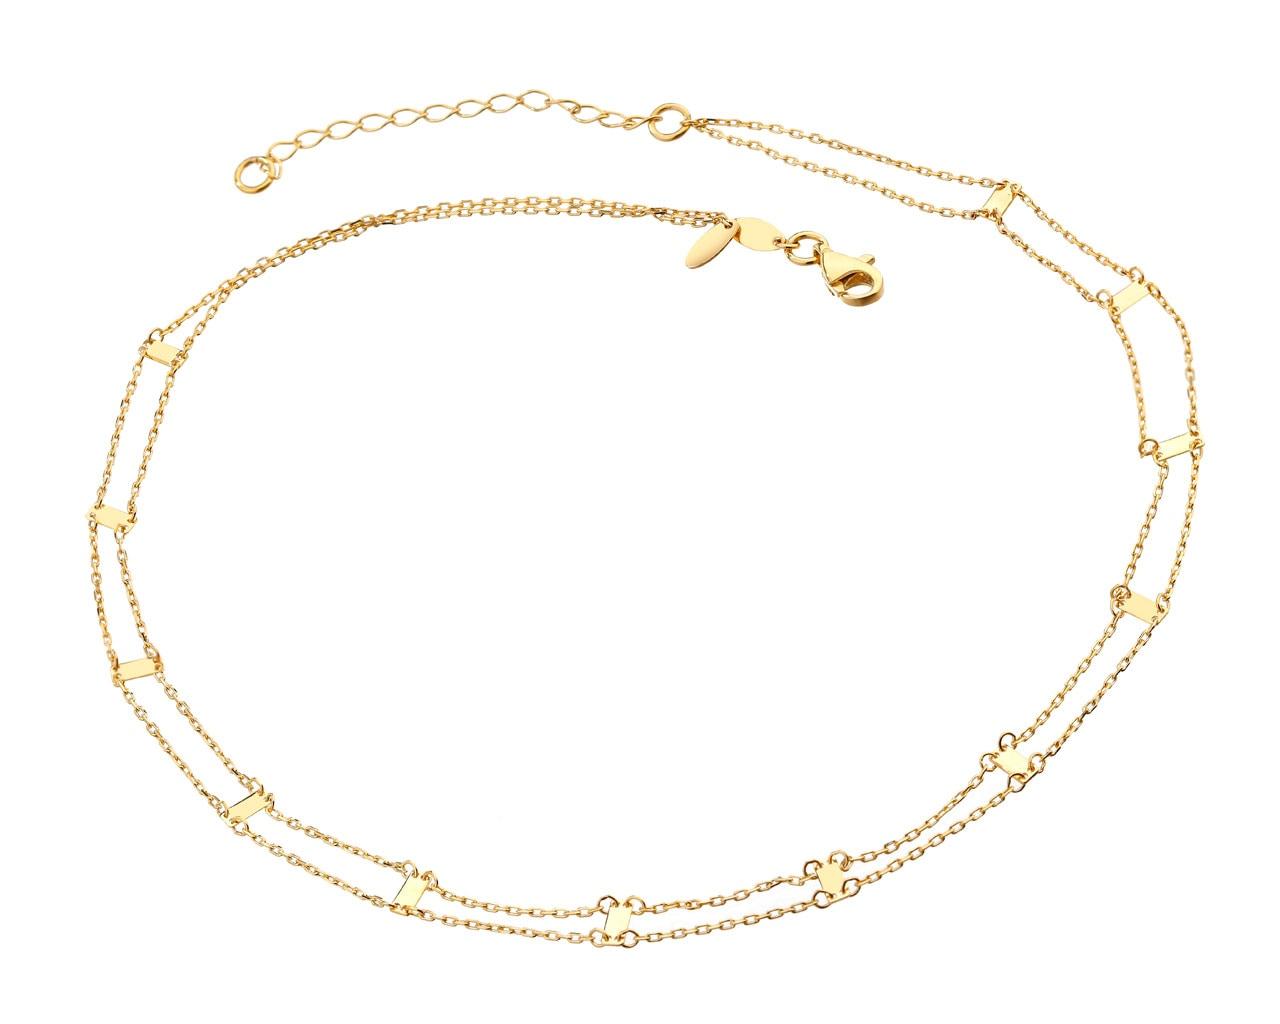 344c939cdab789 Najmodniejsze Chokery na Szyję / Chokery ze złota, srebra, aksamitu ...